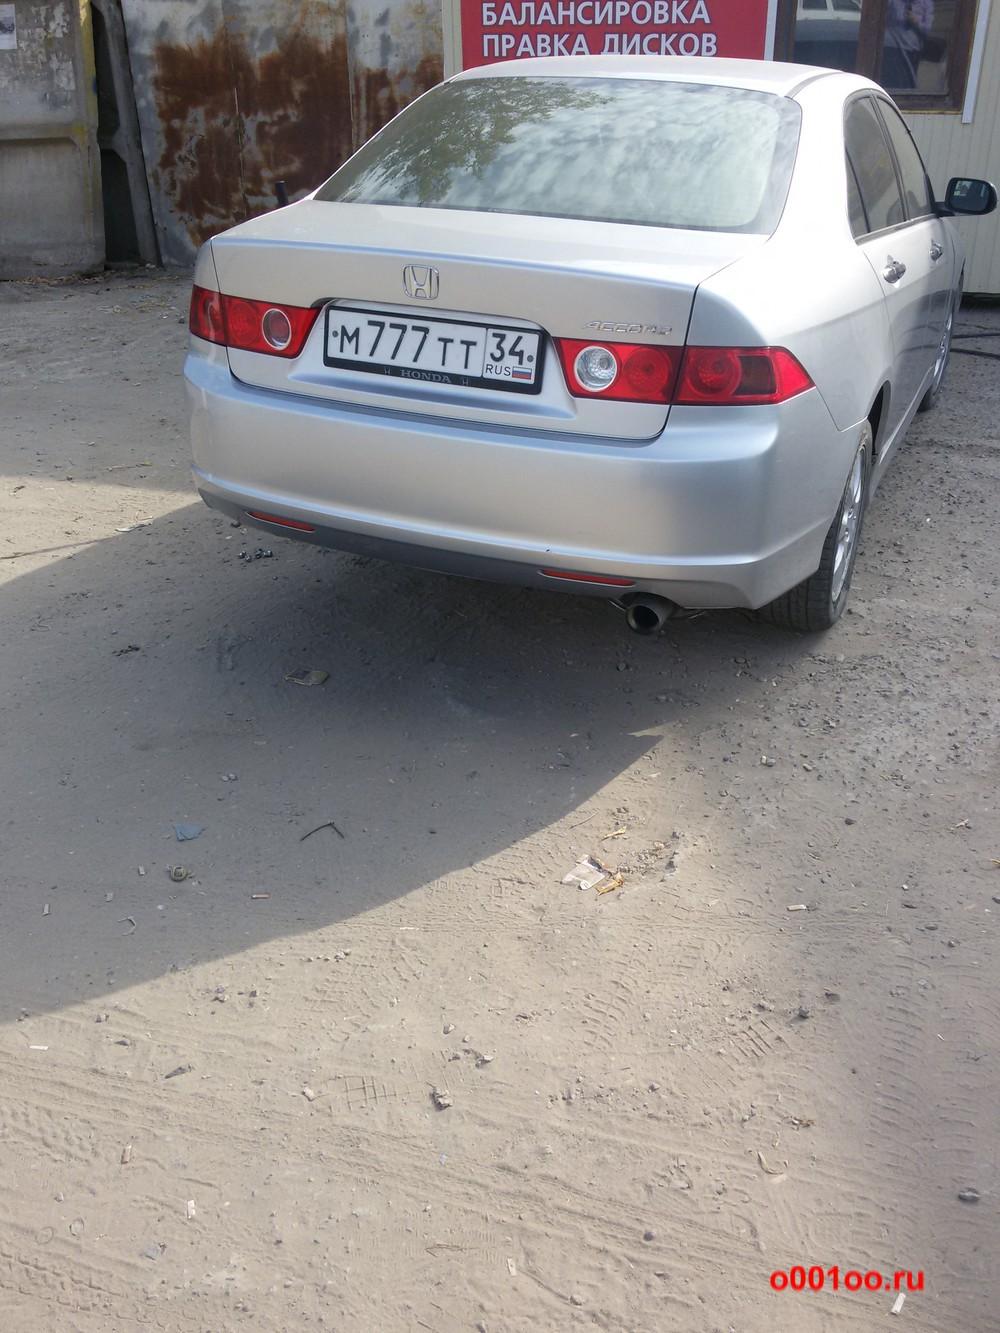 м777тт34